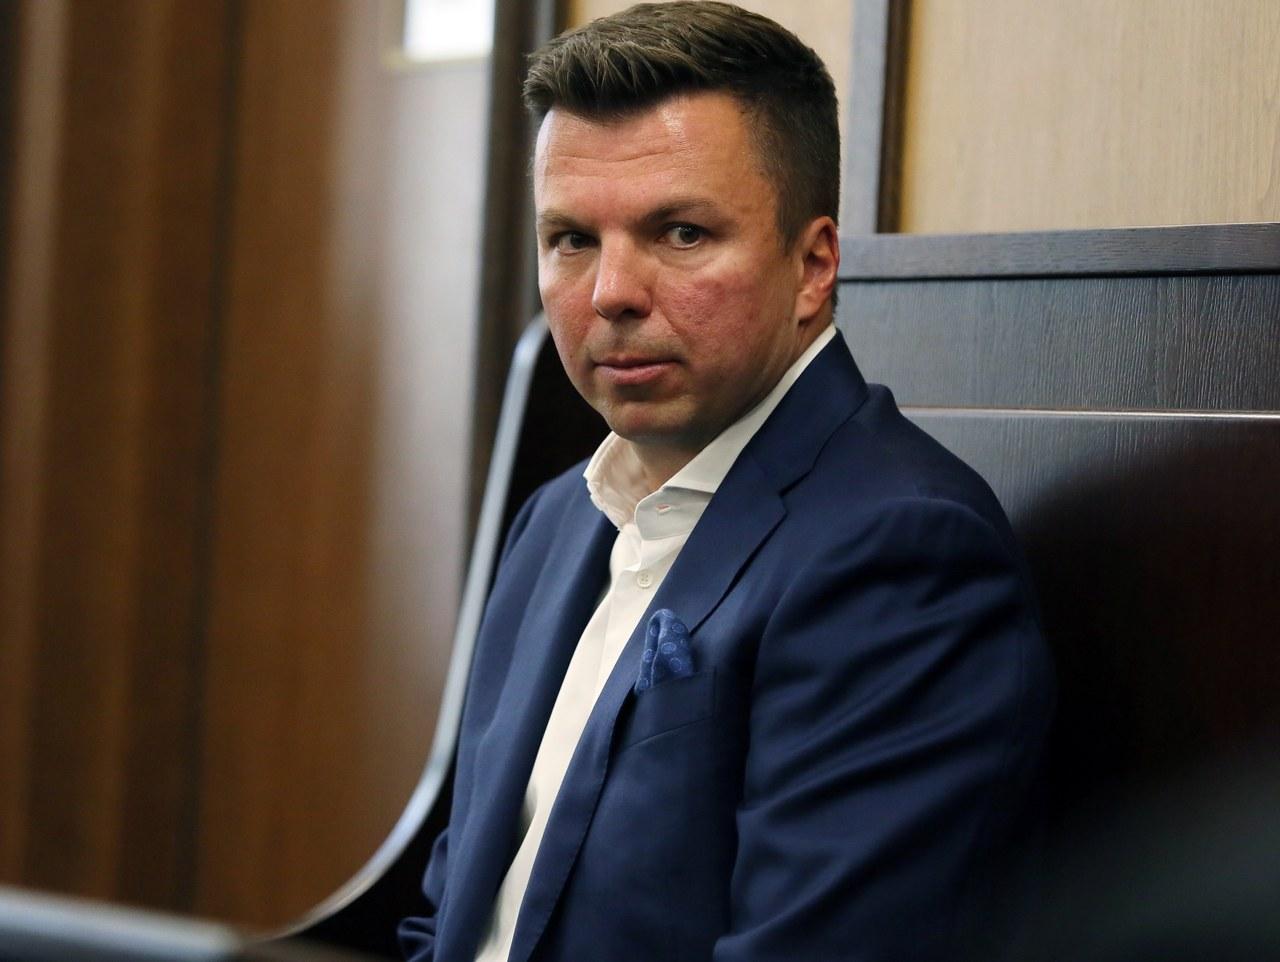 SN oddalił kasację wyroku dla Marka Falenty. Kara więzienia jest ostateczna